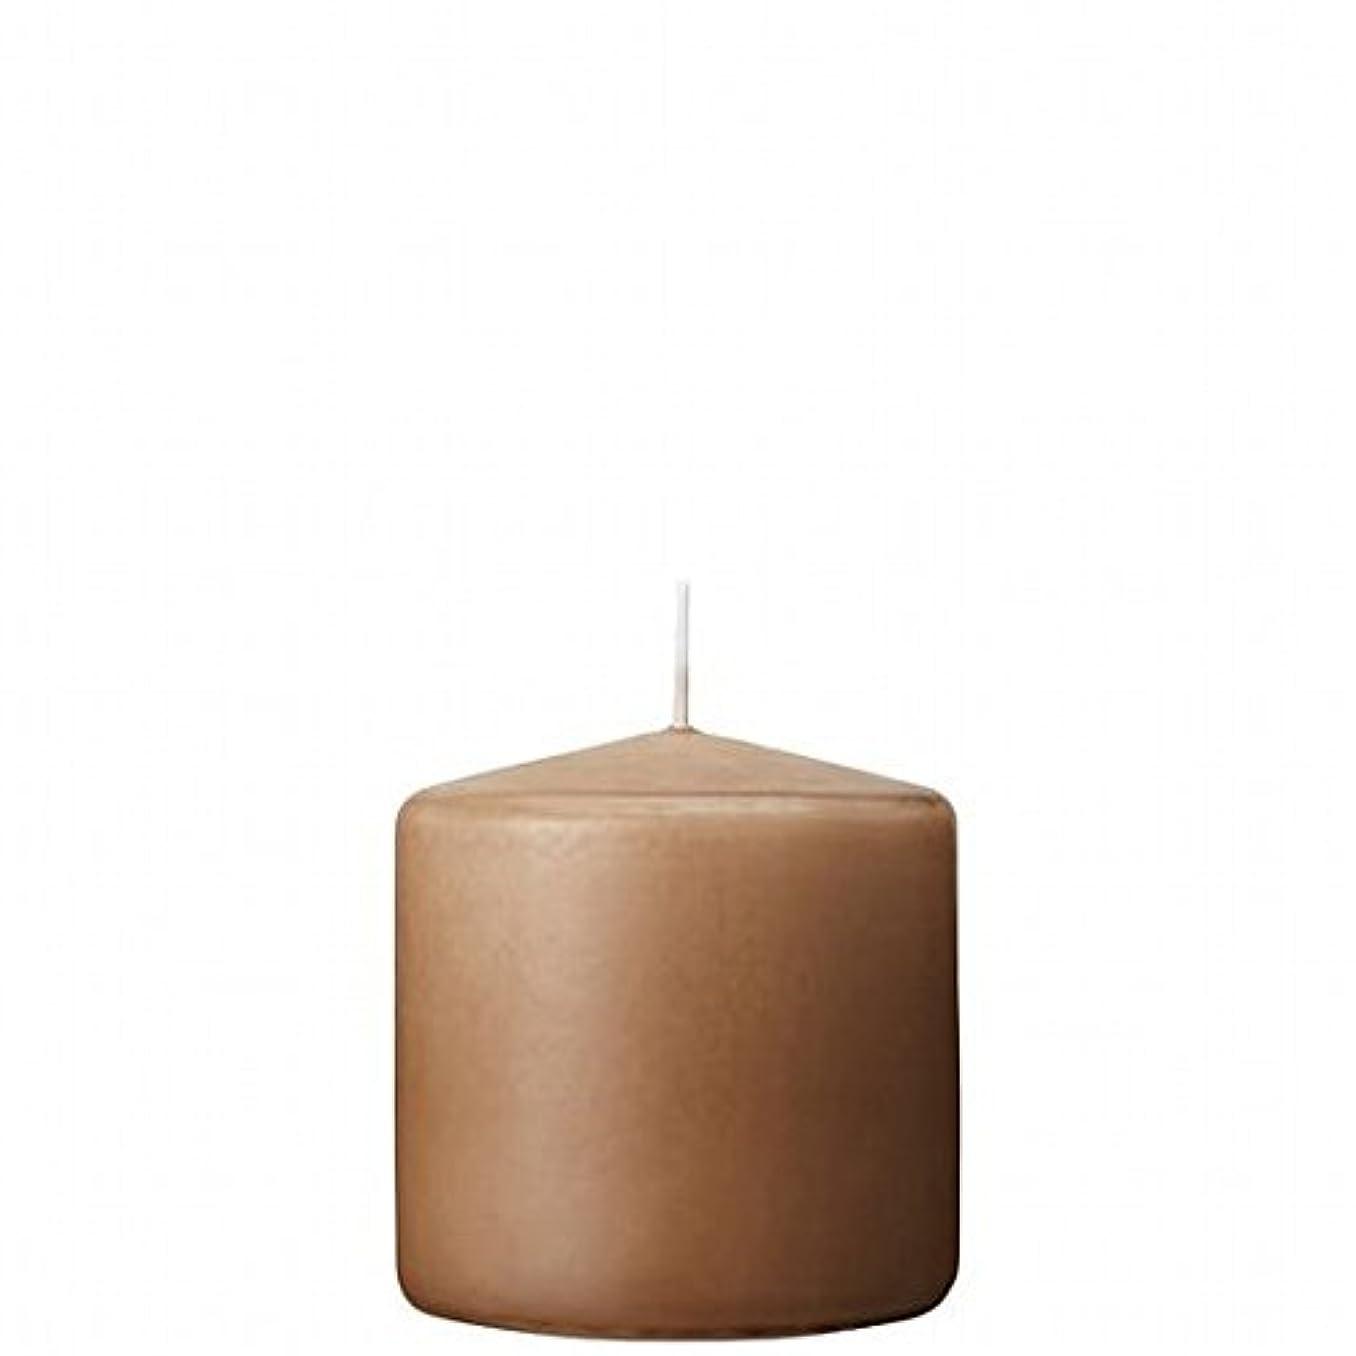 前兆遅い気づくなるkameyama candle(カメヤマキャンドル) 3×3ベルトップピラーキャンドル 「 モカ 」(A9730000MO)